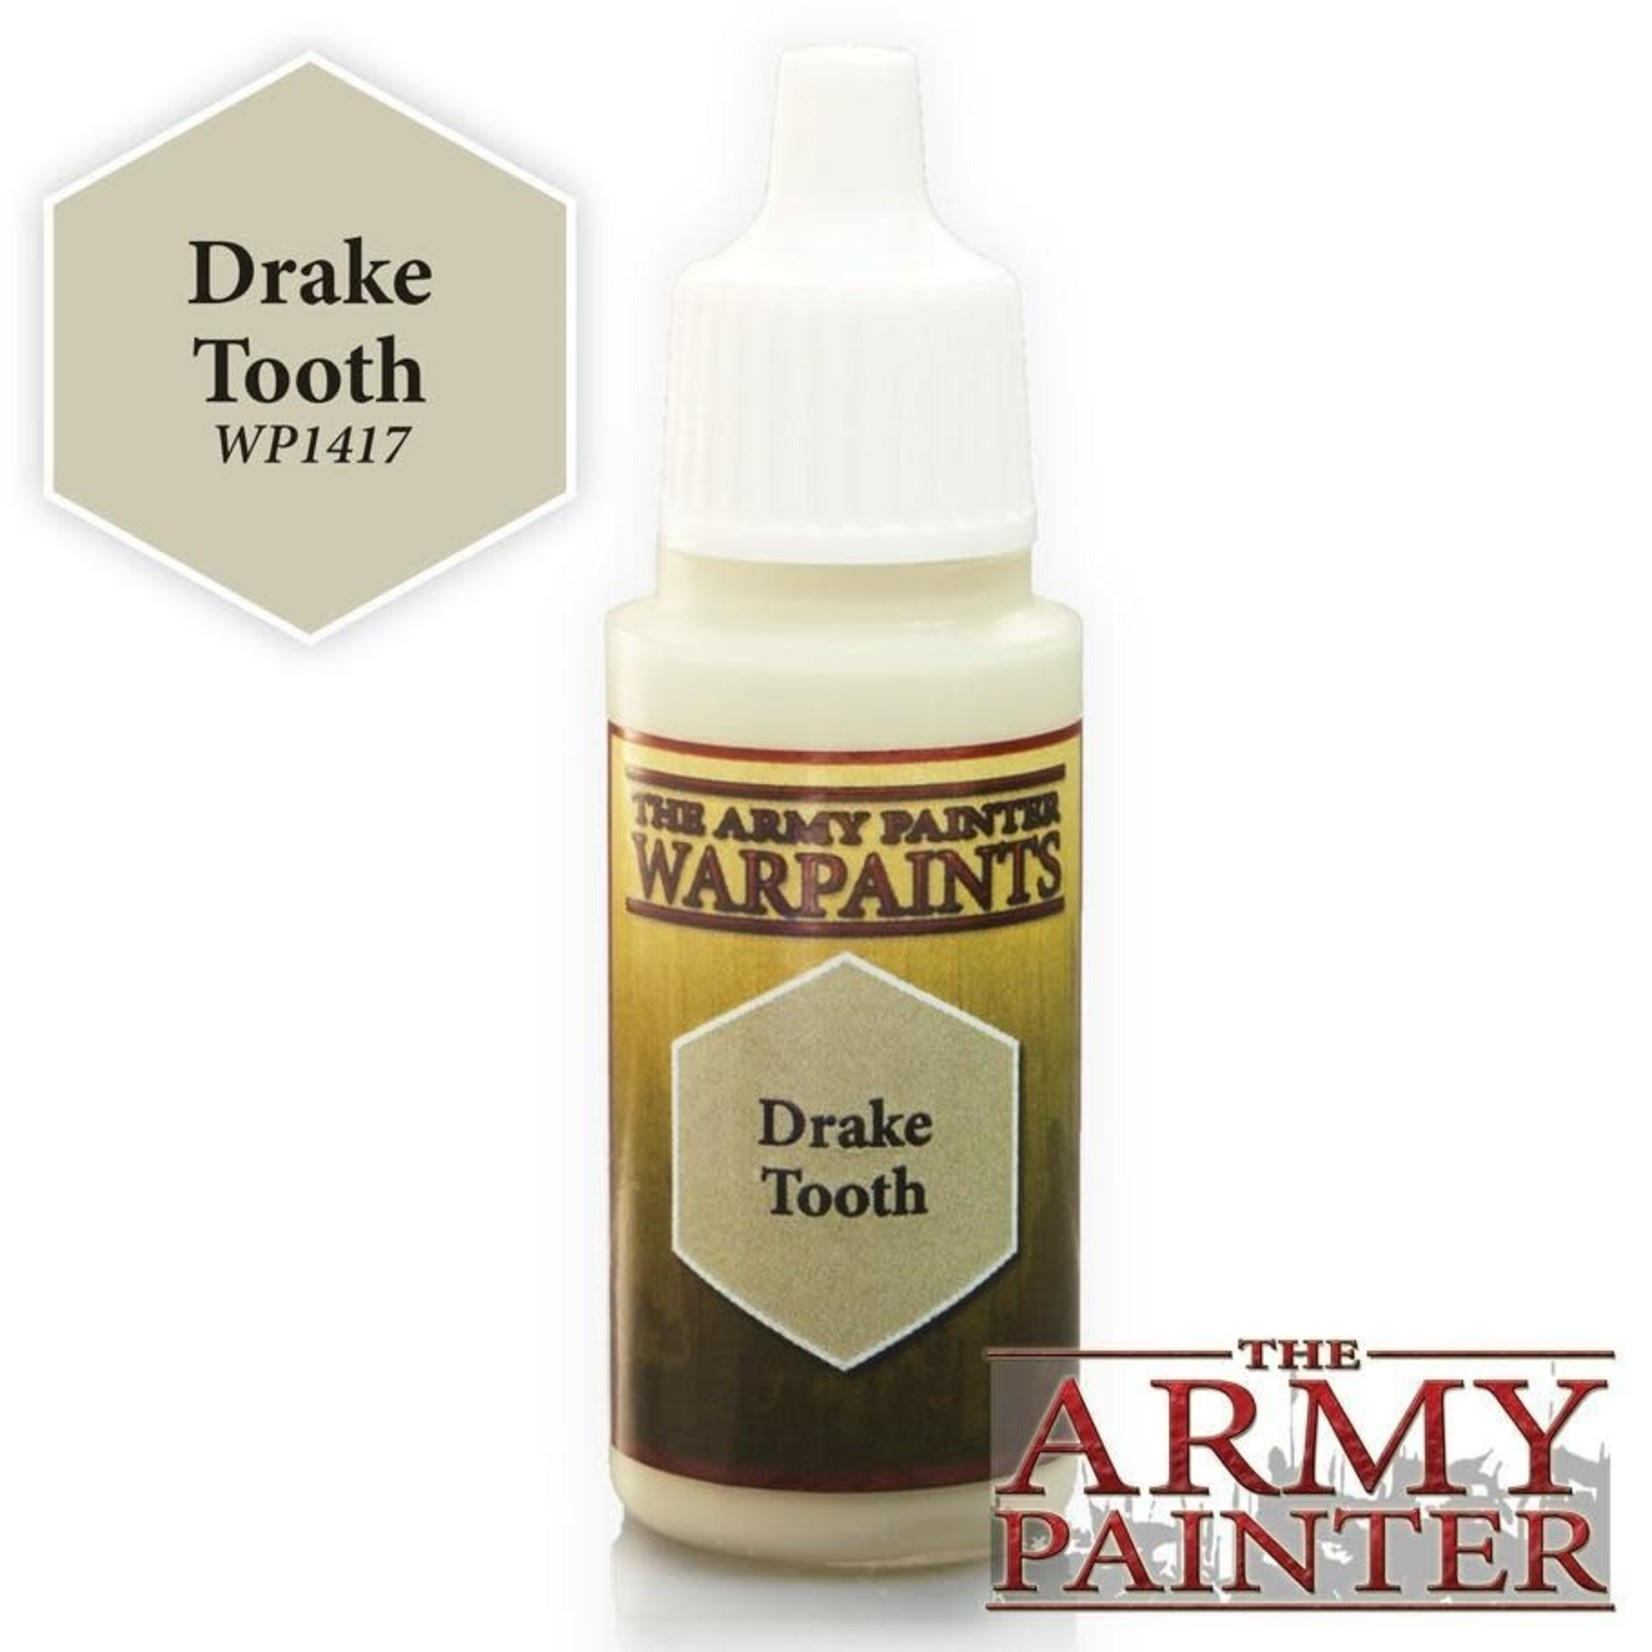 Army Painter APWP Drake Tooth 18ml